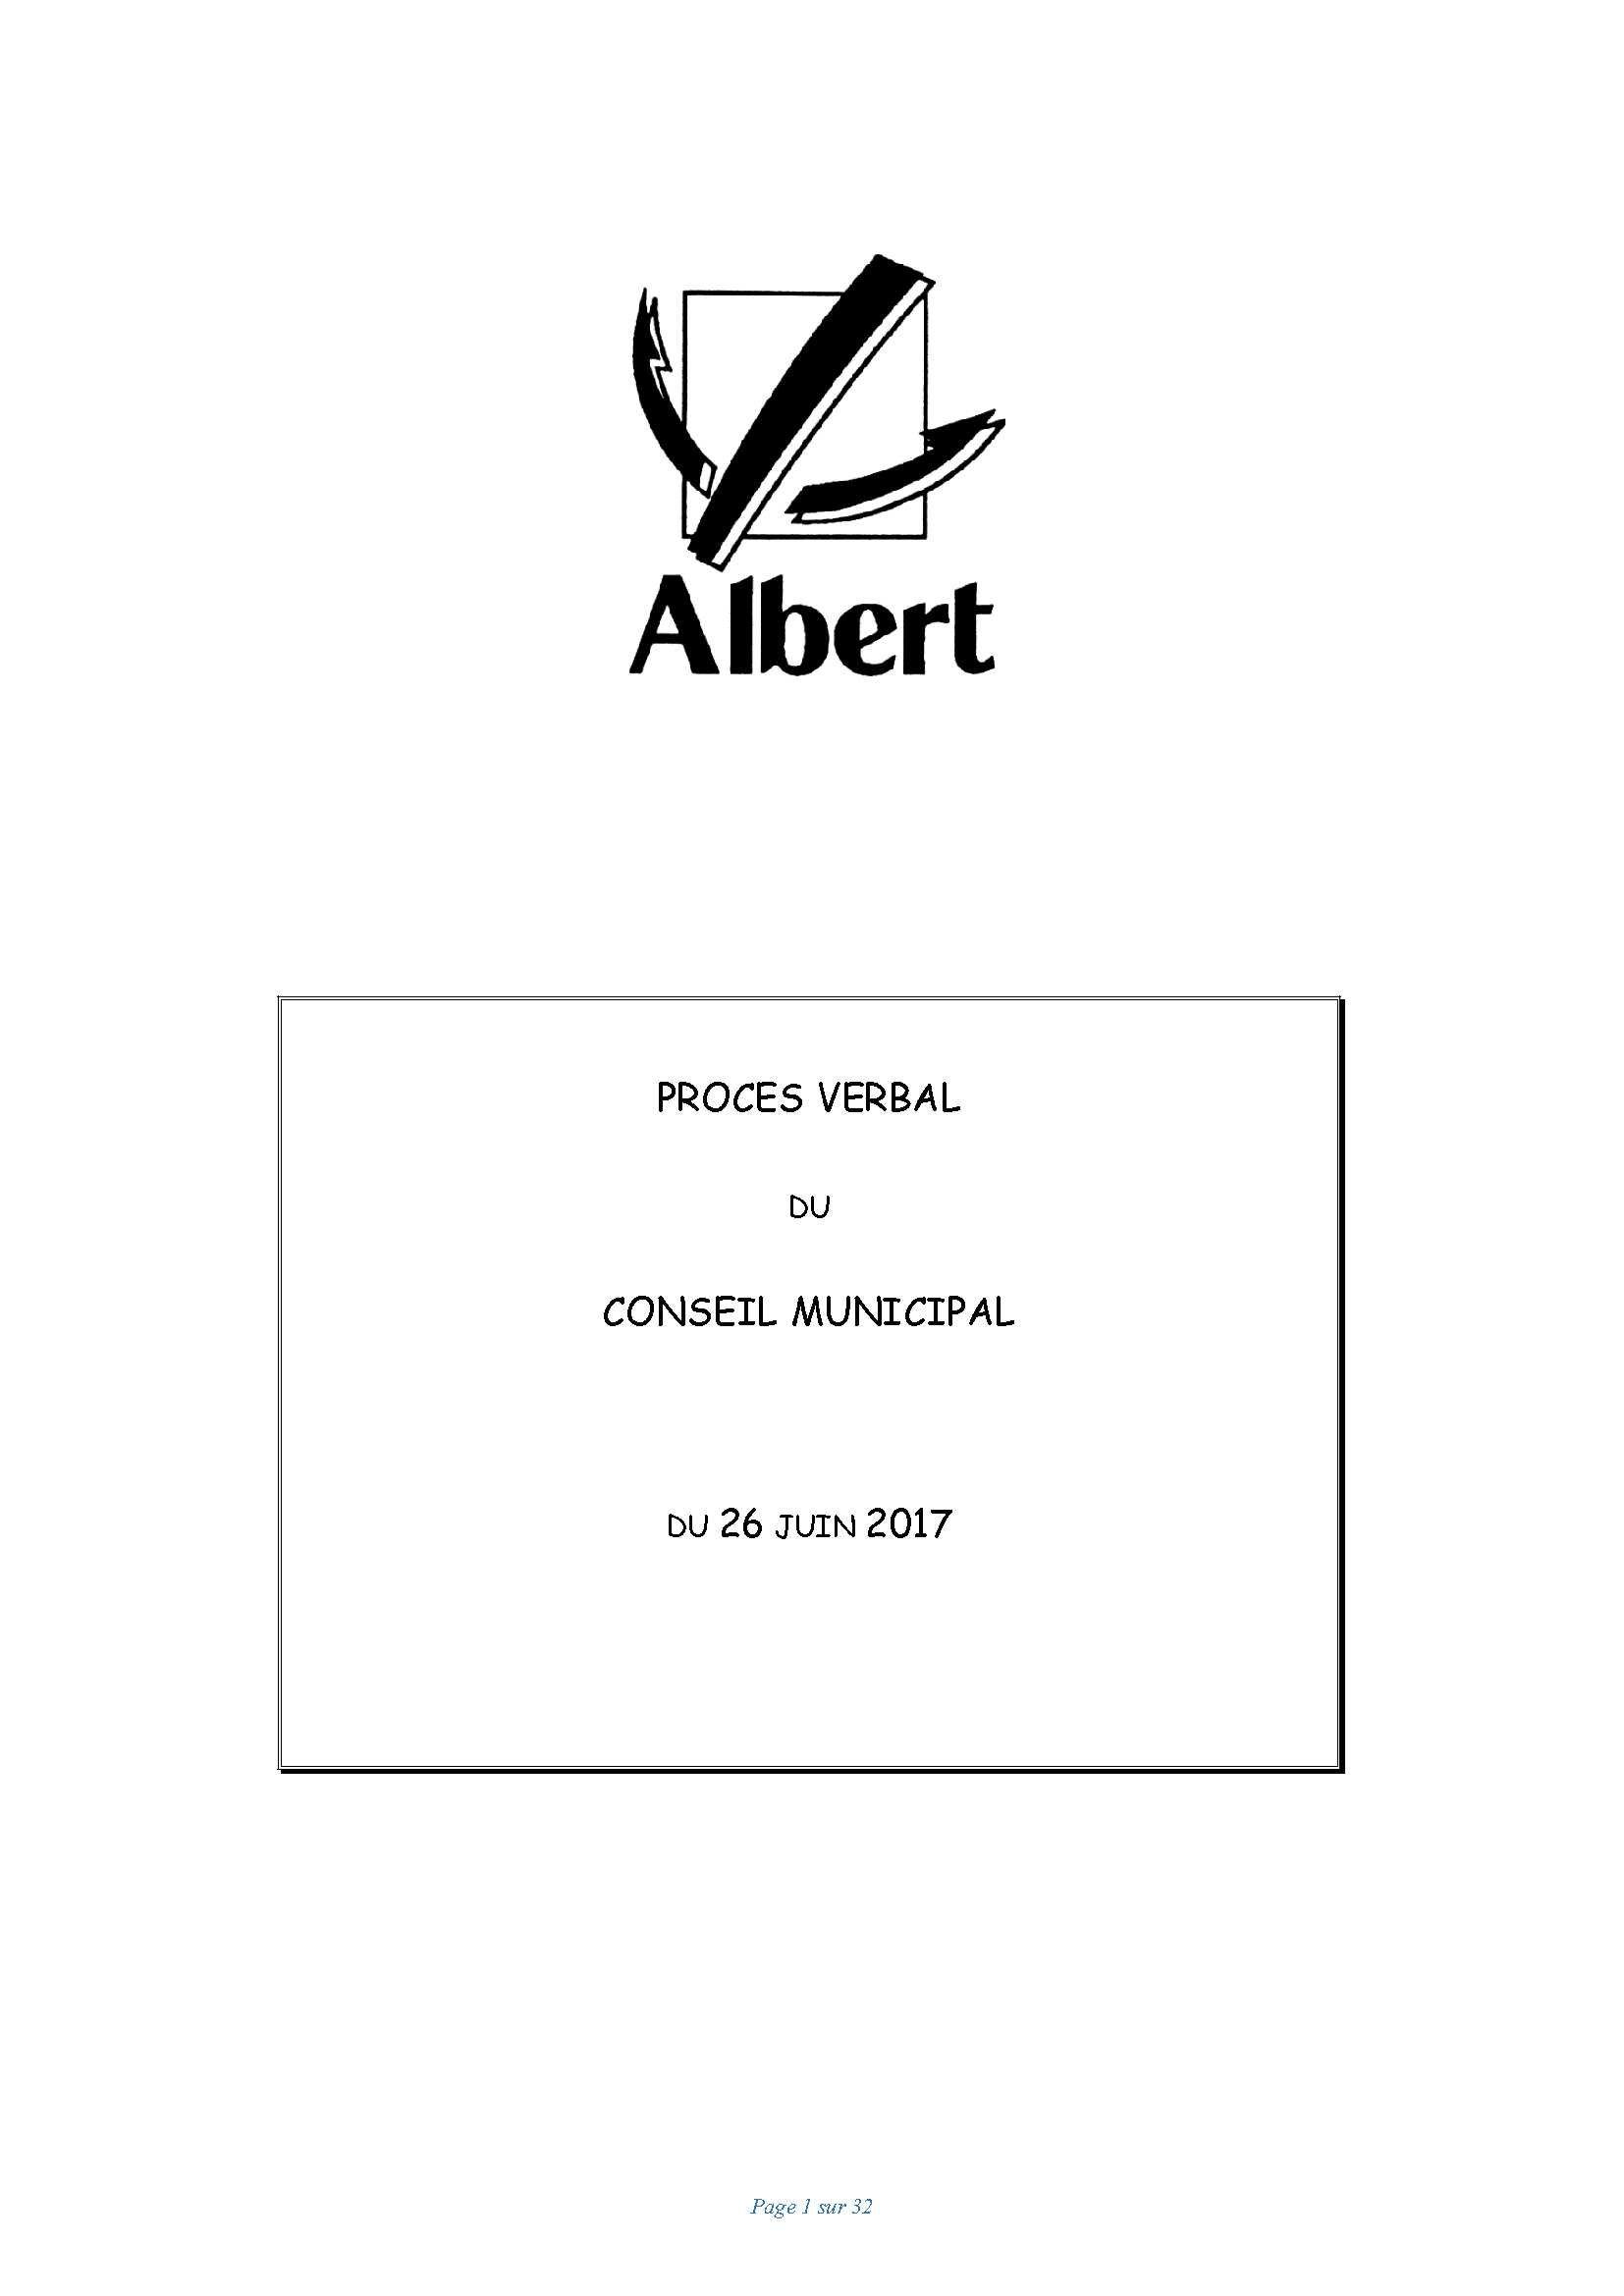 PROCES VERBAL DU CONSEIL MUNICIPAL DU 26 JUIN 2017